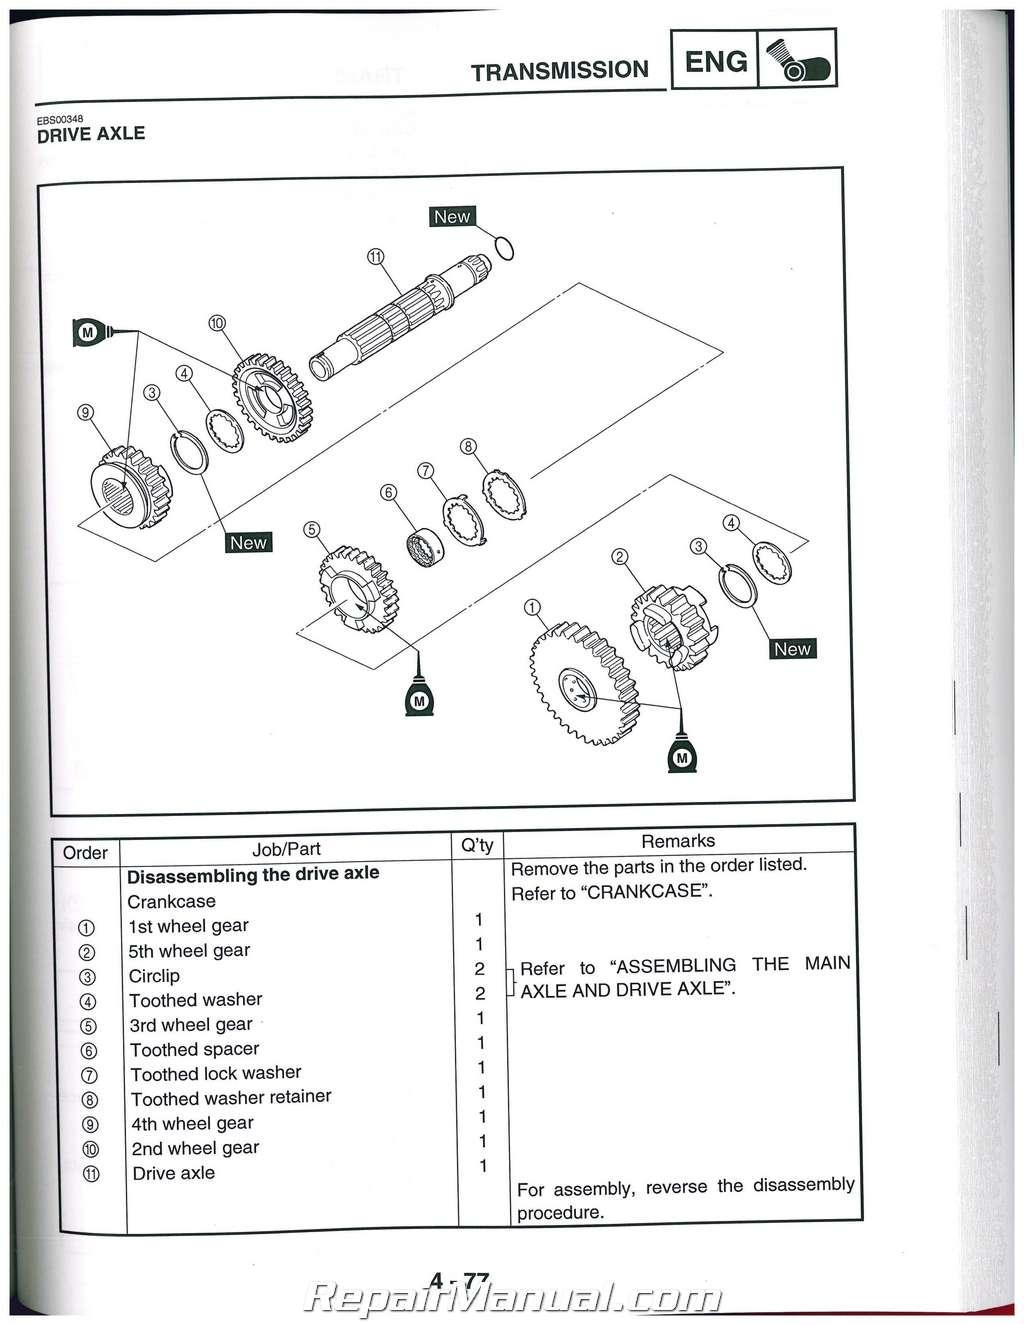 1989 yamaha warrior 350 wiring diagram euro 13 pin plug 1994 yfm get free image